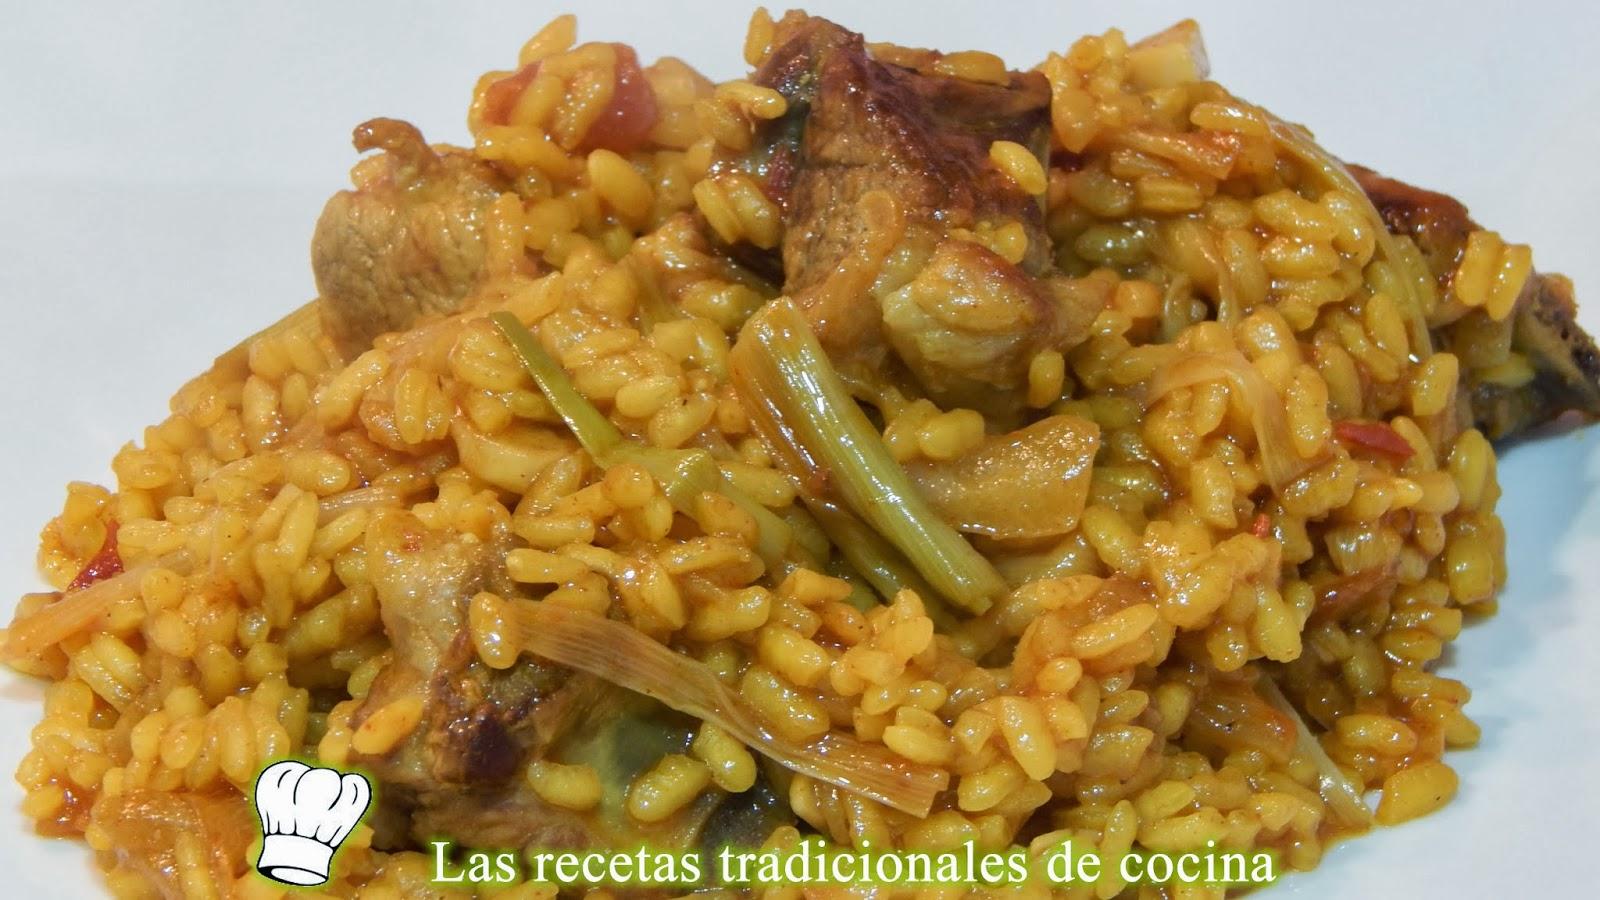 Receta de arroz con ajos tiernos y costillas recetas de - Arroz con alcachofas y jamon ...